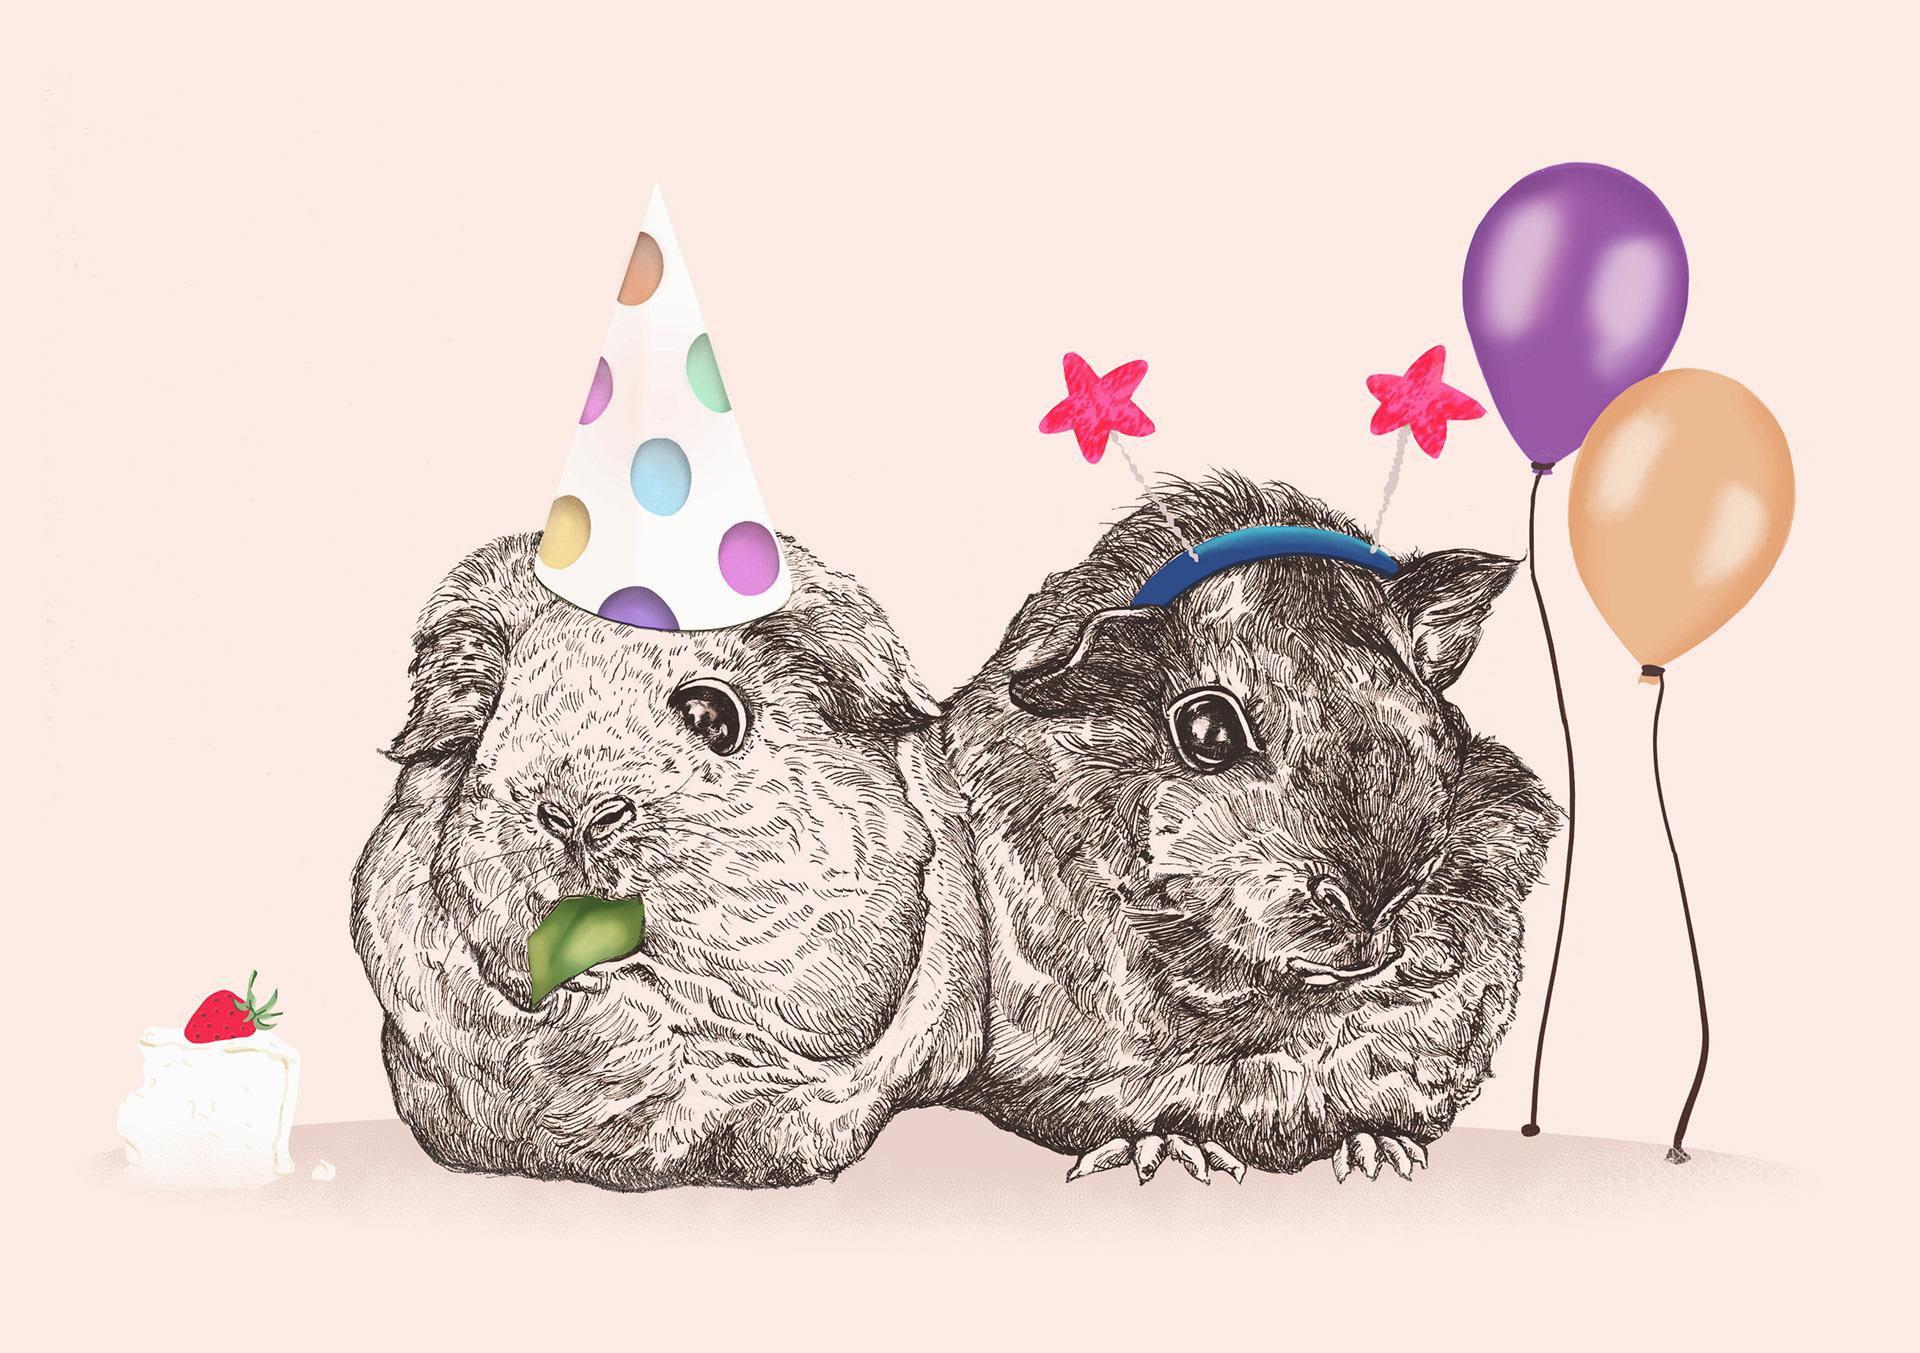 2D Guinea Pig Party Illustration